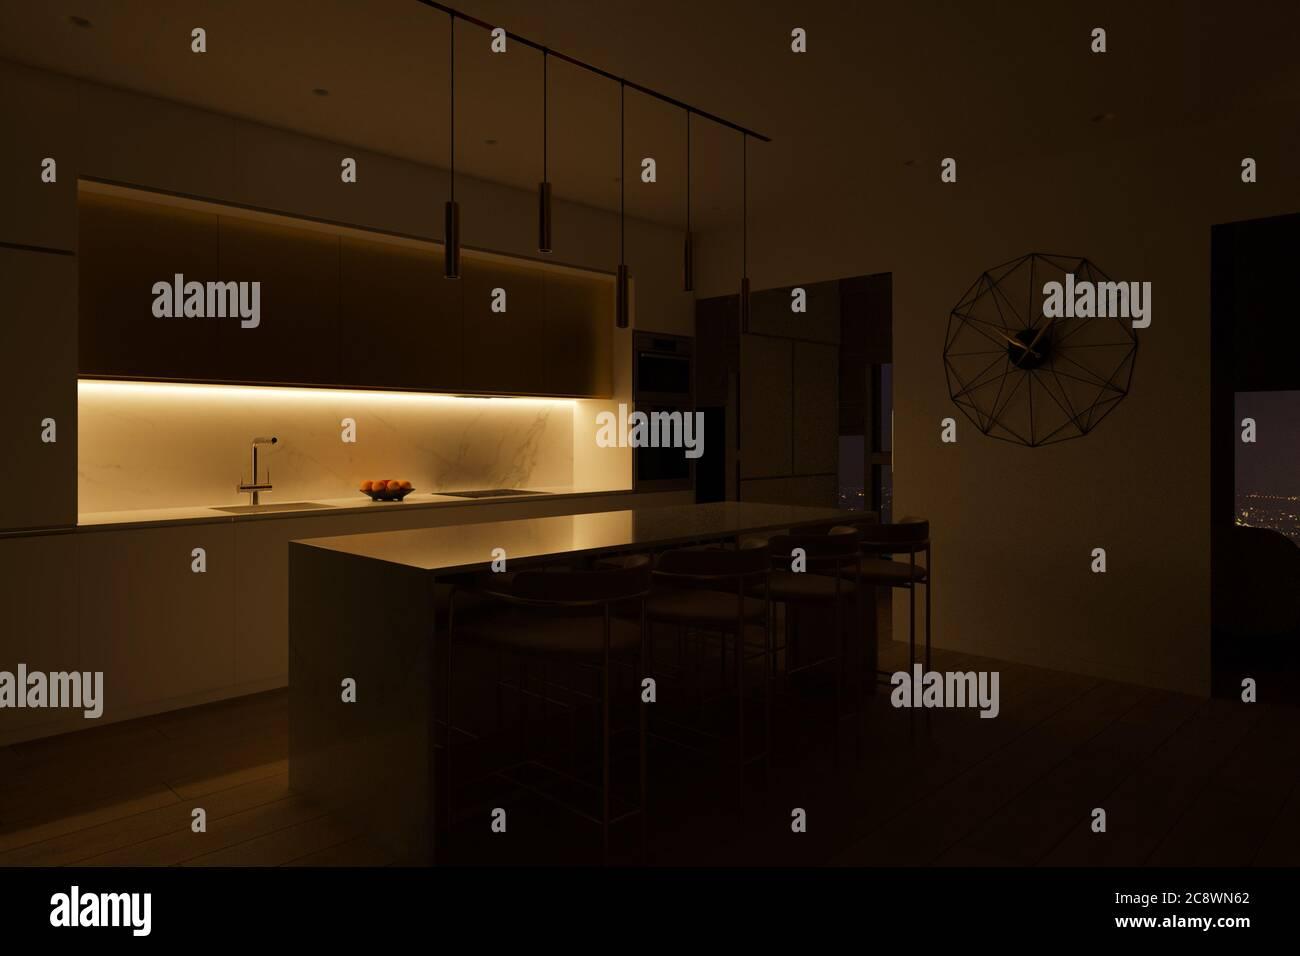 Kuchengestaltung Stockfotos Und Bilder Kaufen Alamy